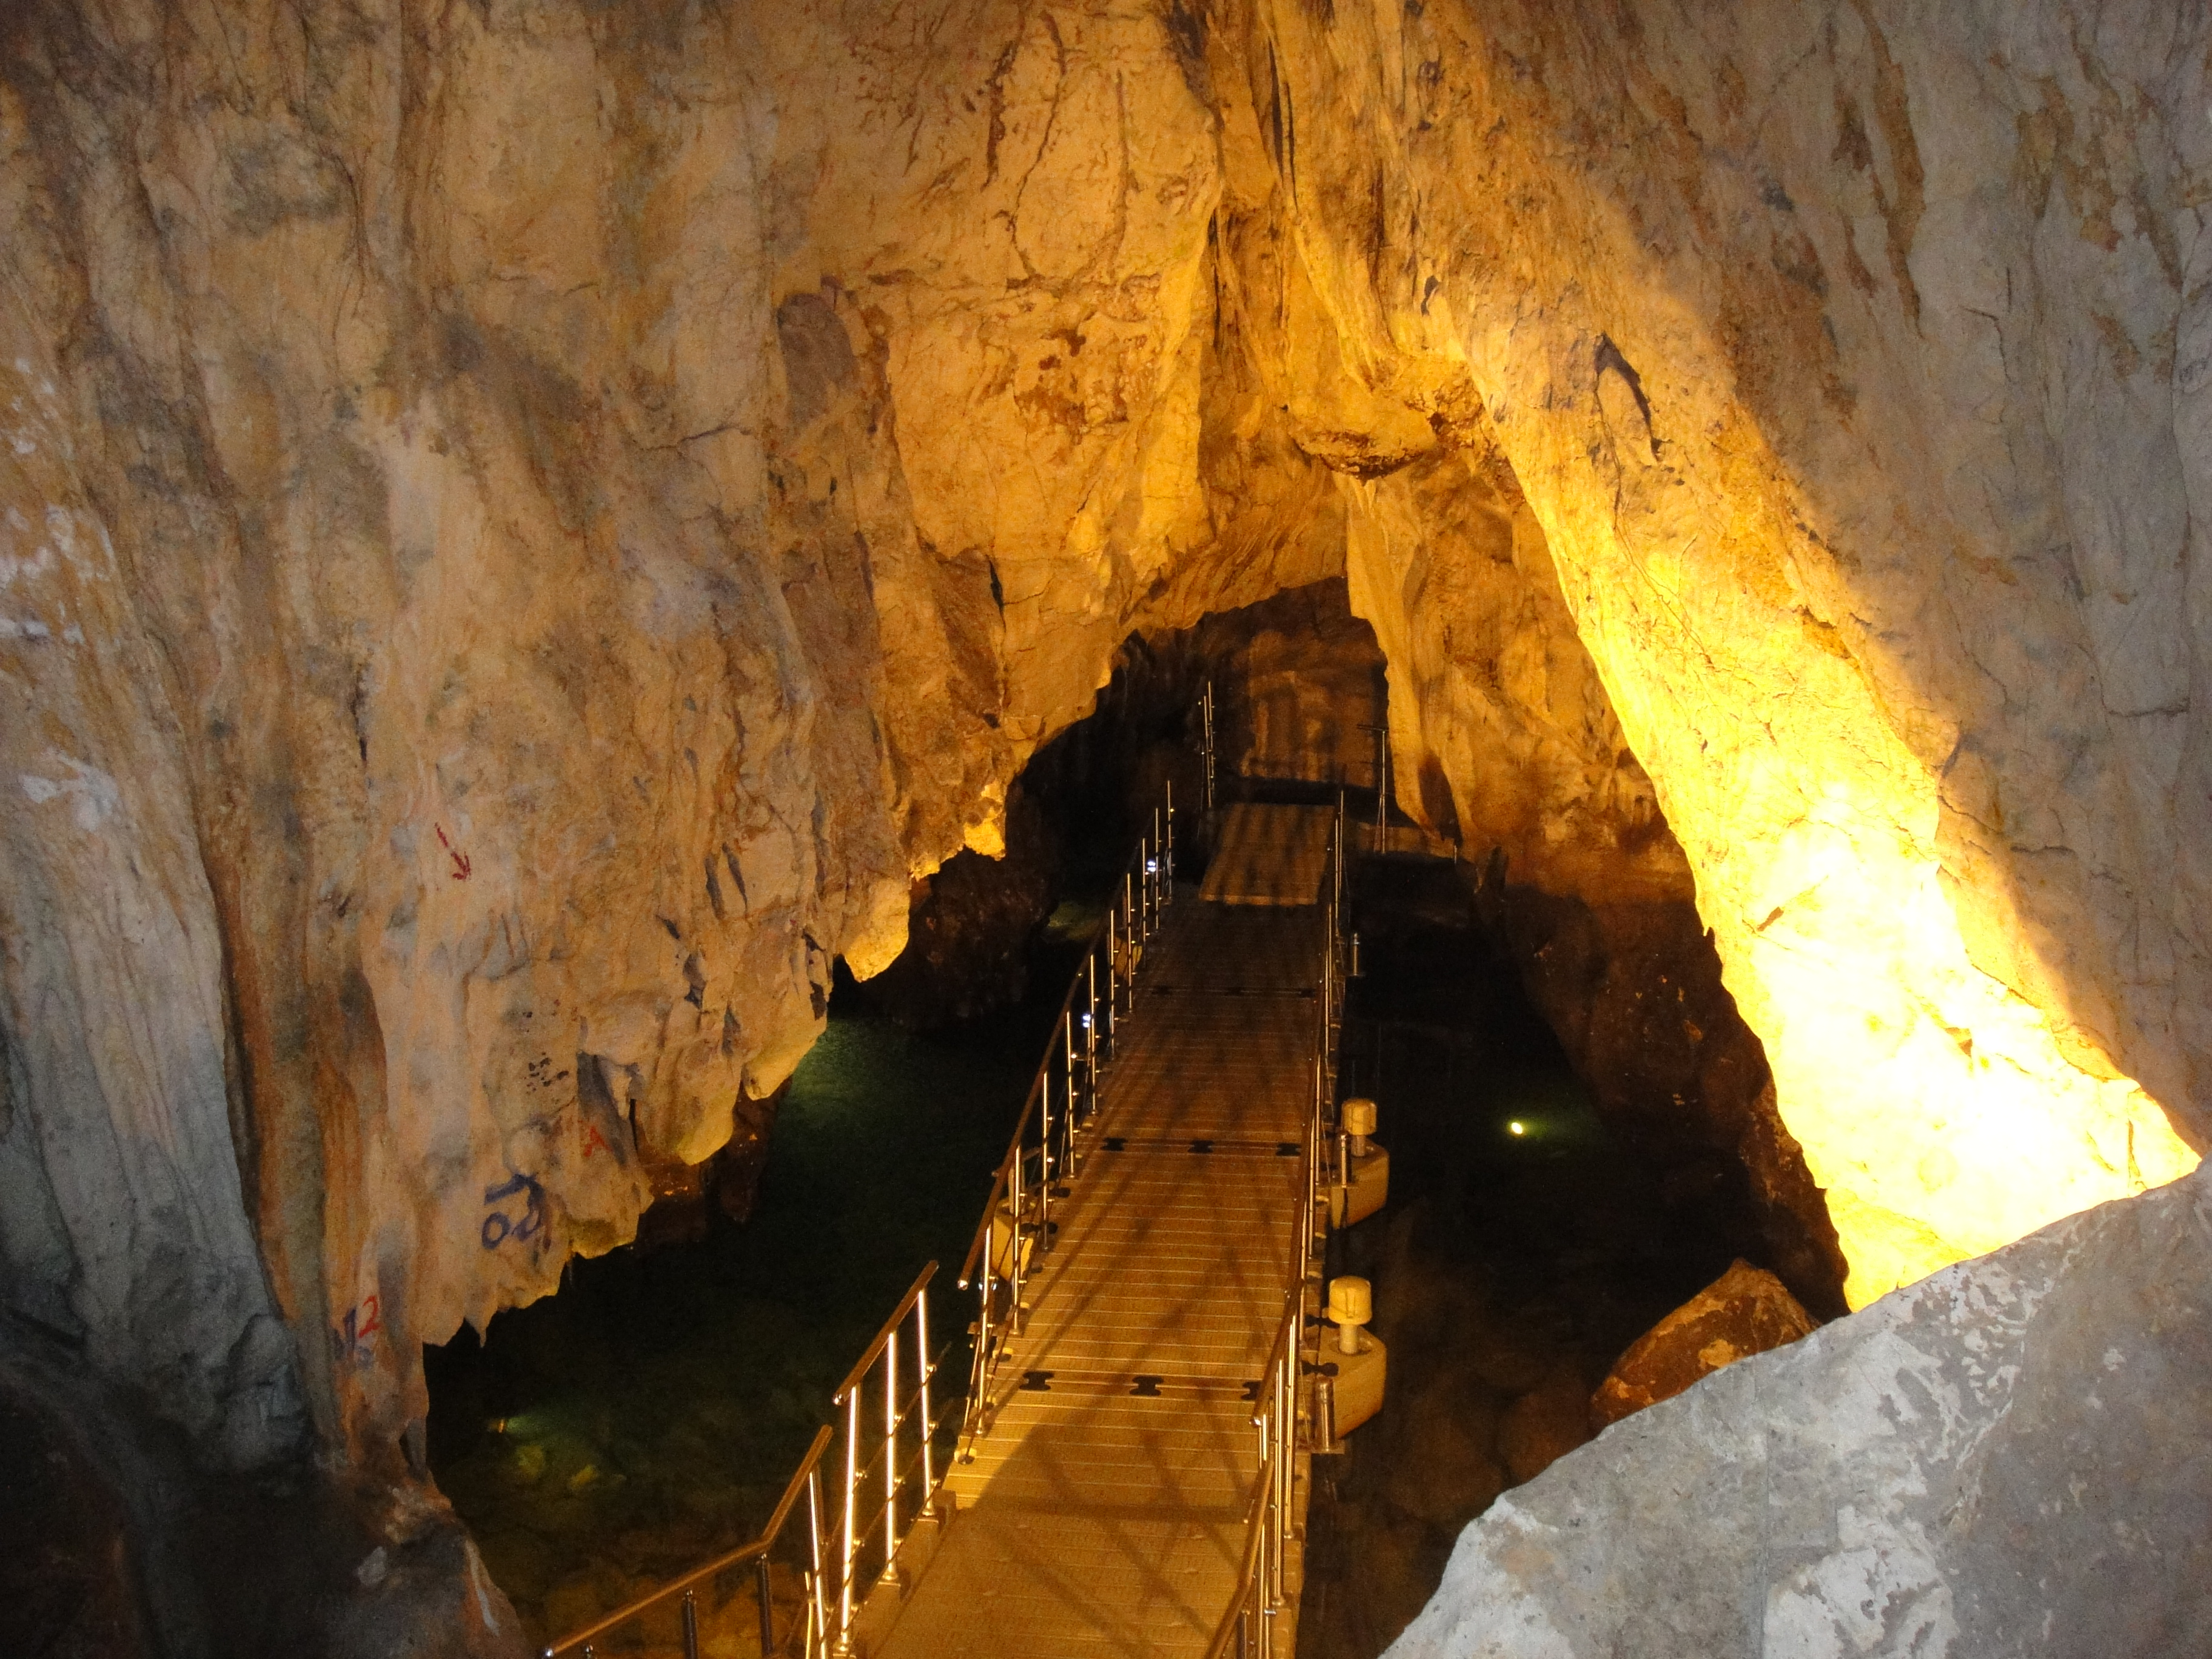 Οικισμός Δισπηλιού και Σπήλαιο του Δράκου